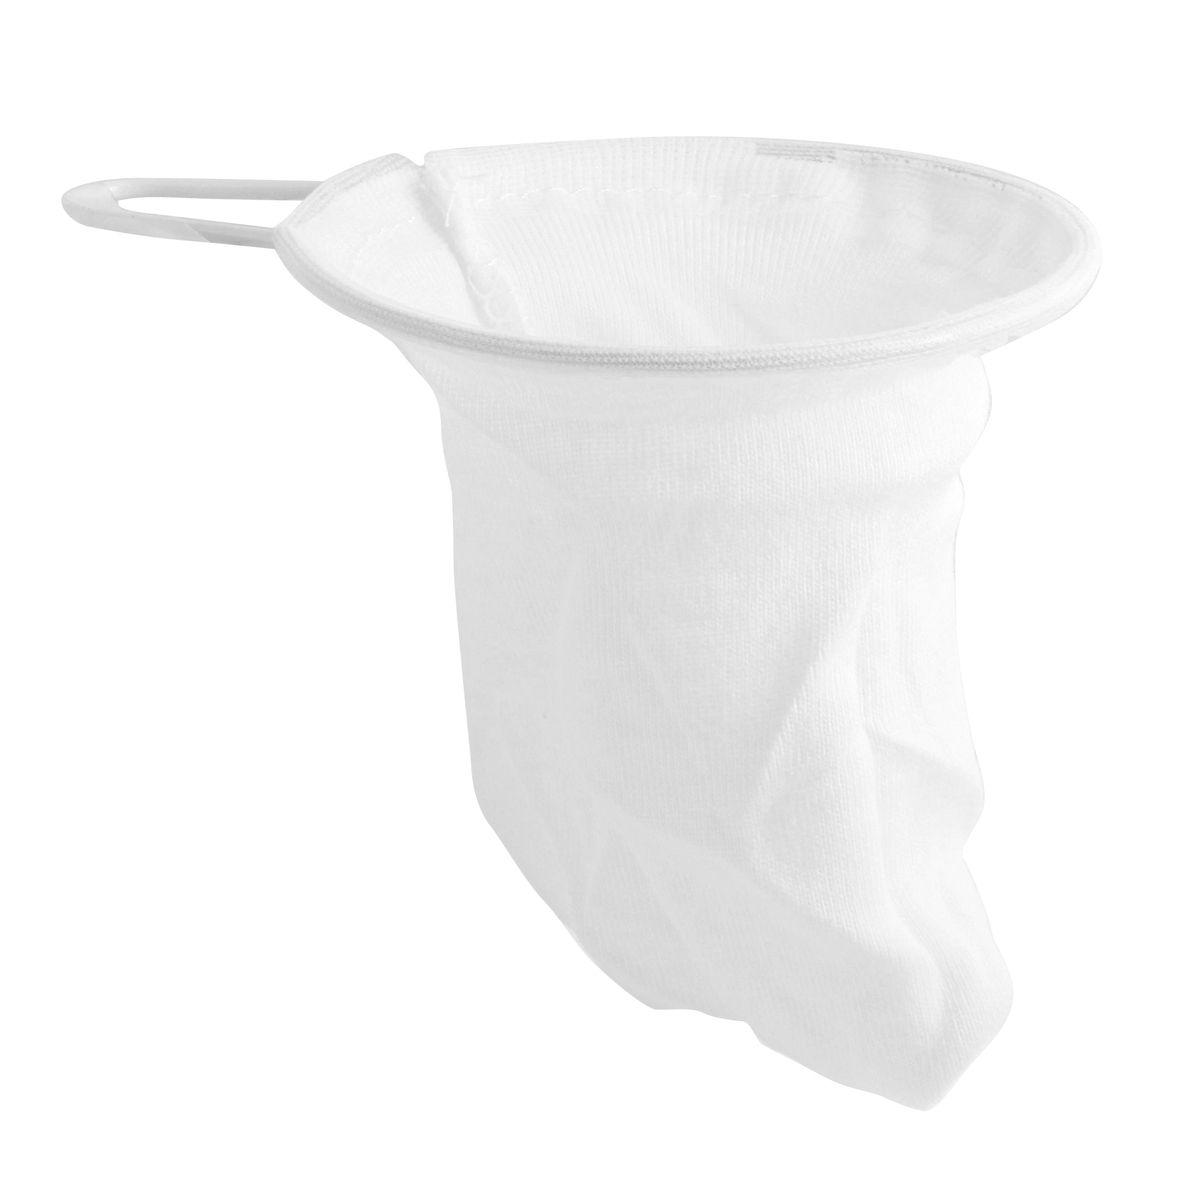 Filtre à thé chaussette en coton - Chevalier Diffusion